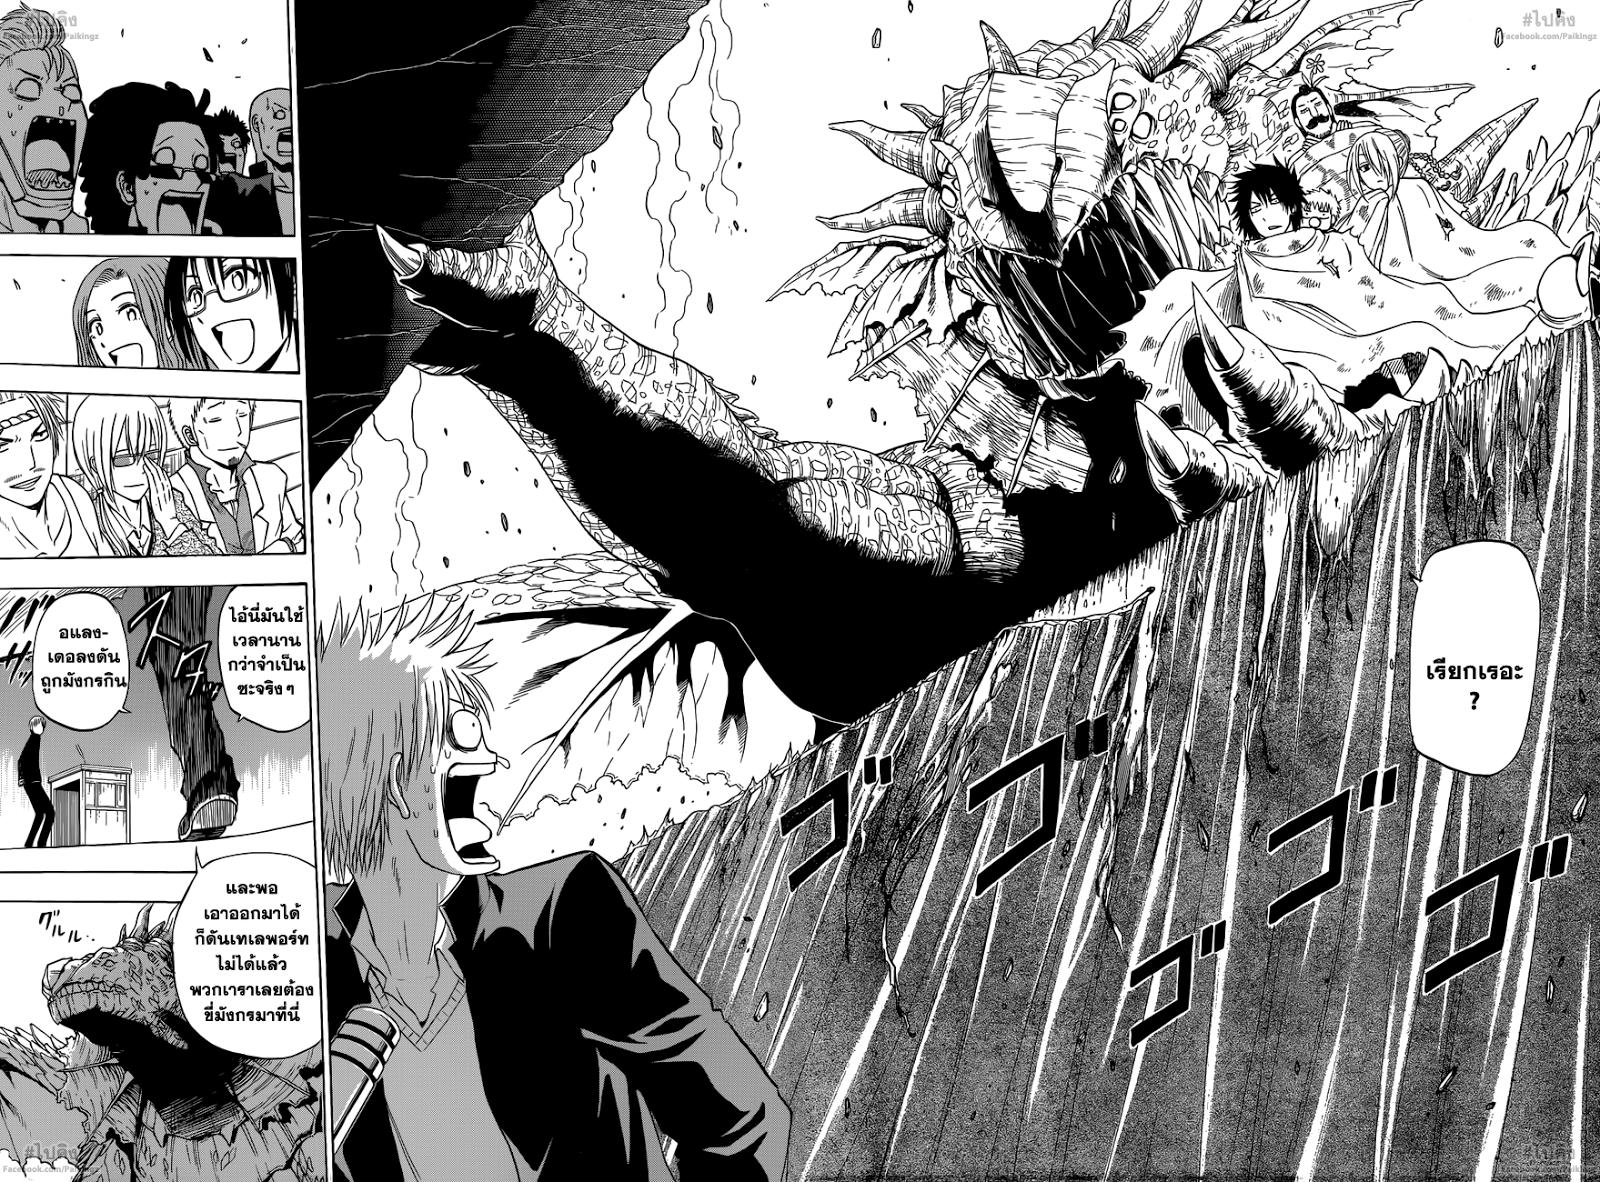 อ่านการ์ตูน Beelzebub240 แปลไทย บาบูสุดท้าย ลาก่อนบาบู ม.อิชิยาม่า